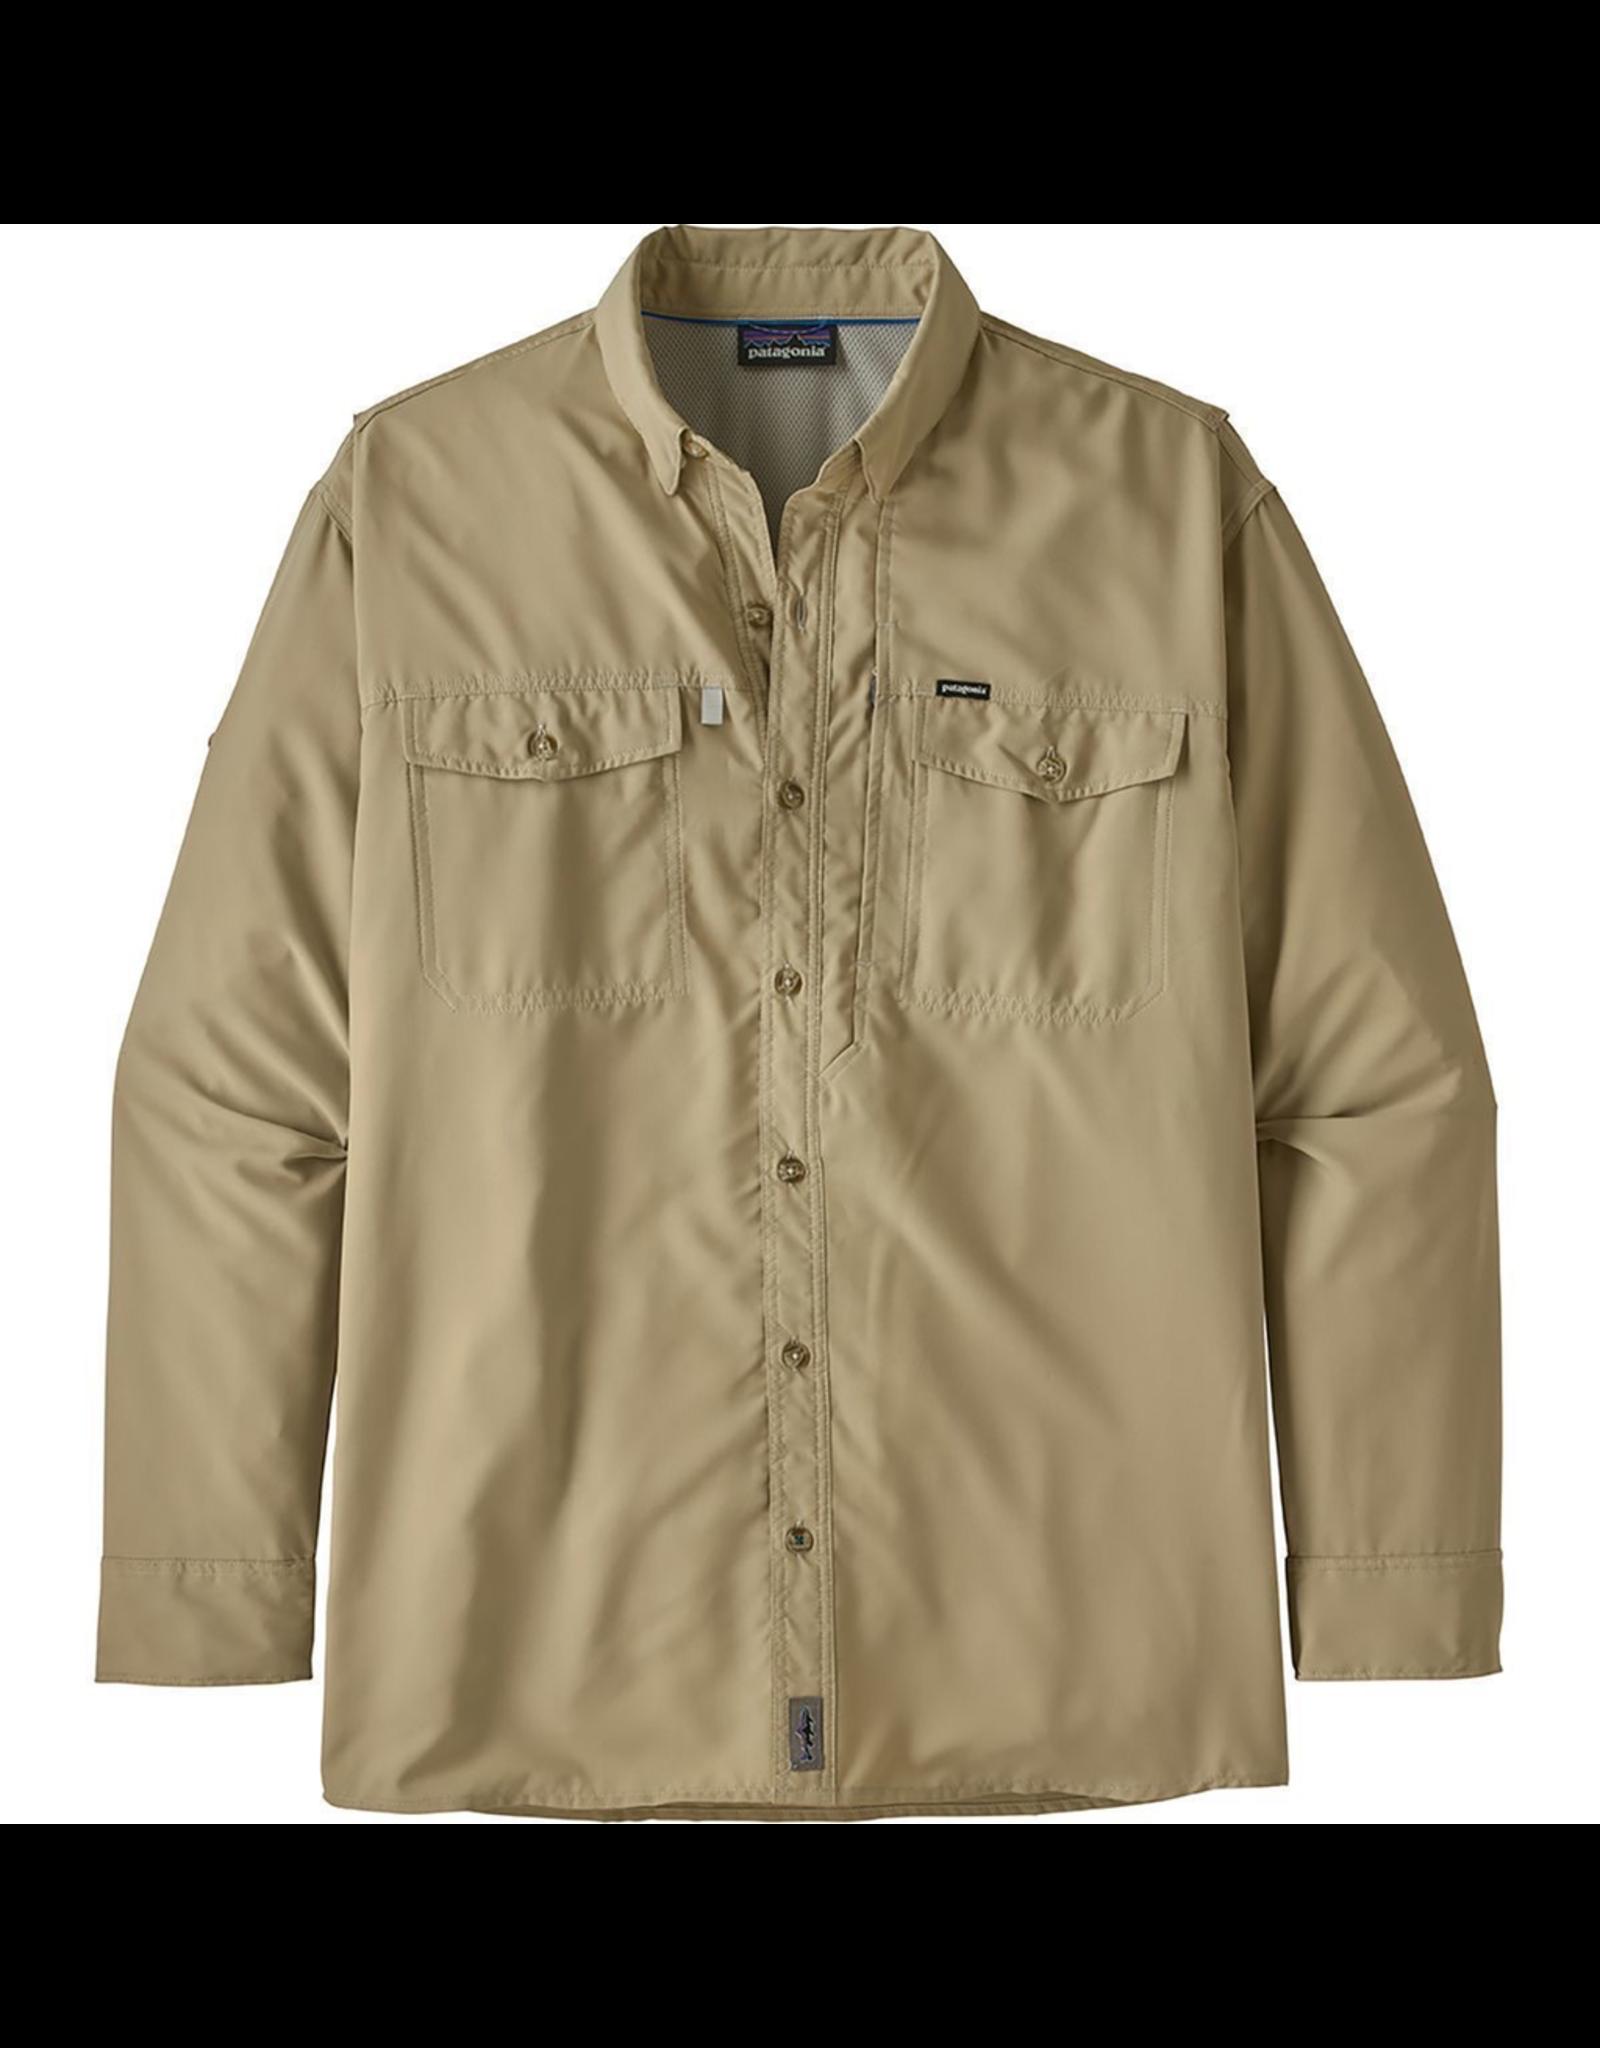 Patagonia Patagonia Sol Patrol II Men's LS Shirt (El Cap Khaki)